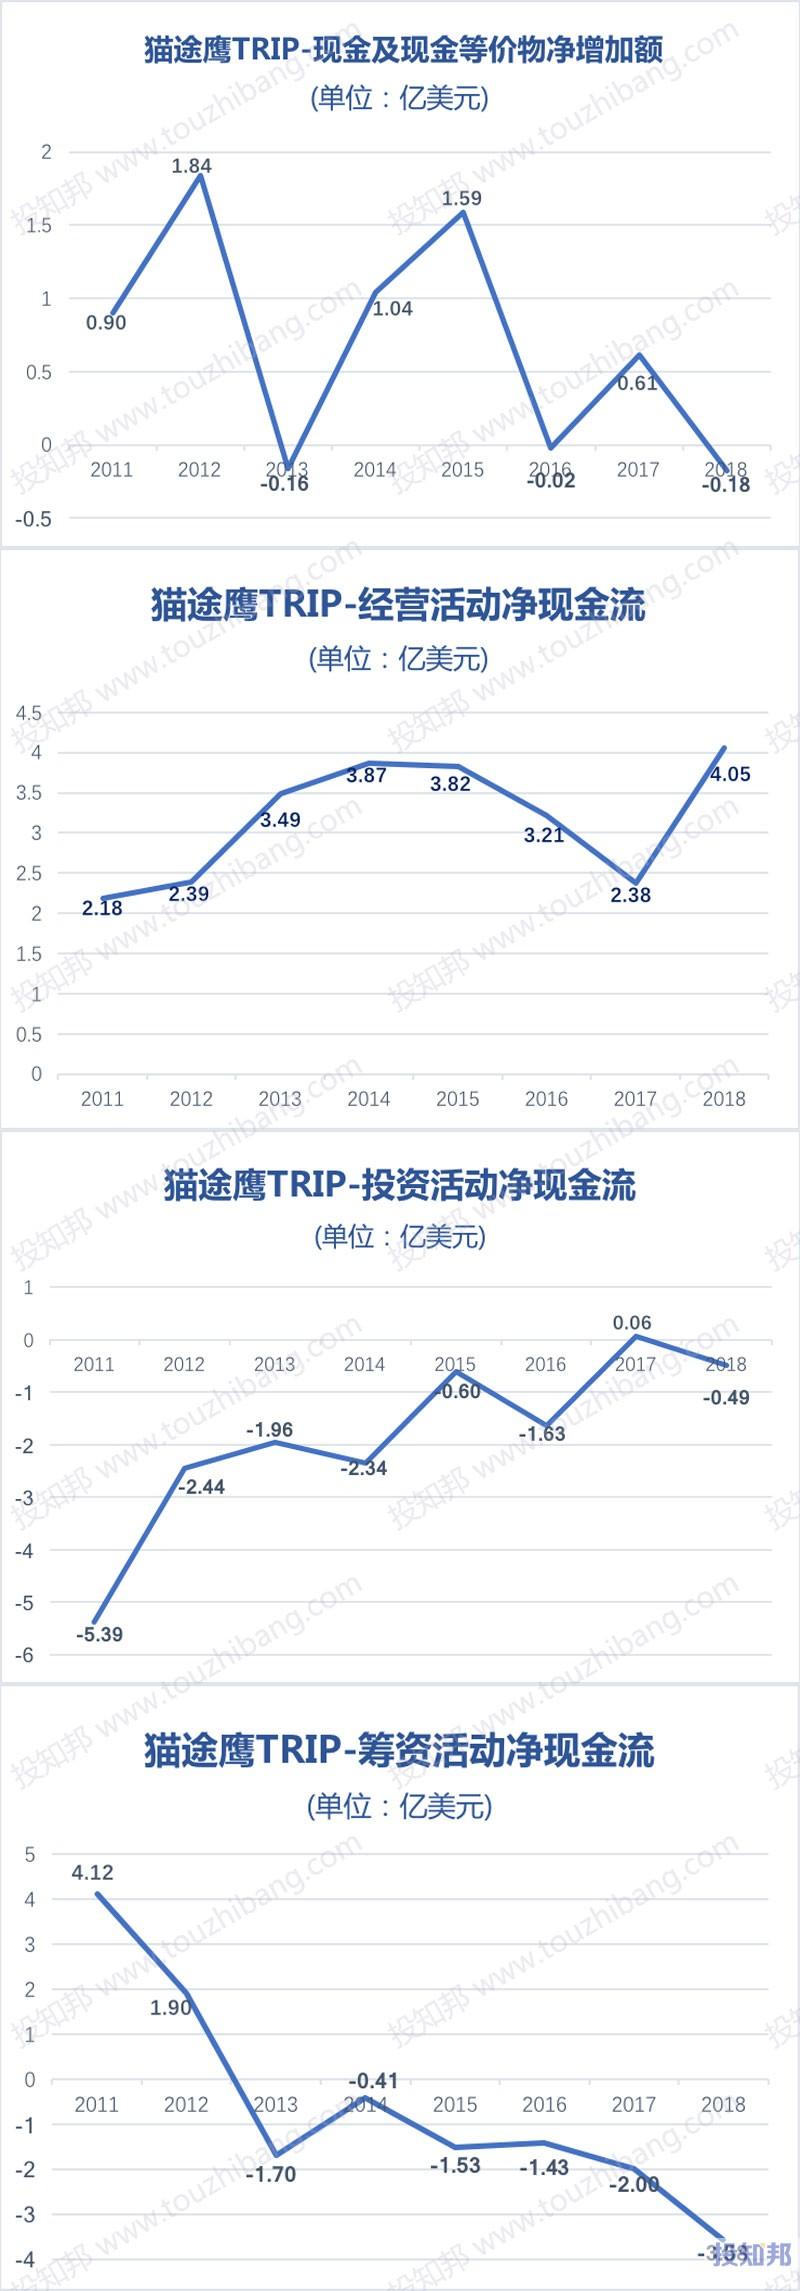 图解猫途鹰(TRIP)财报数据(2011~2018年,更新)